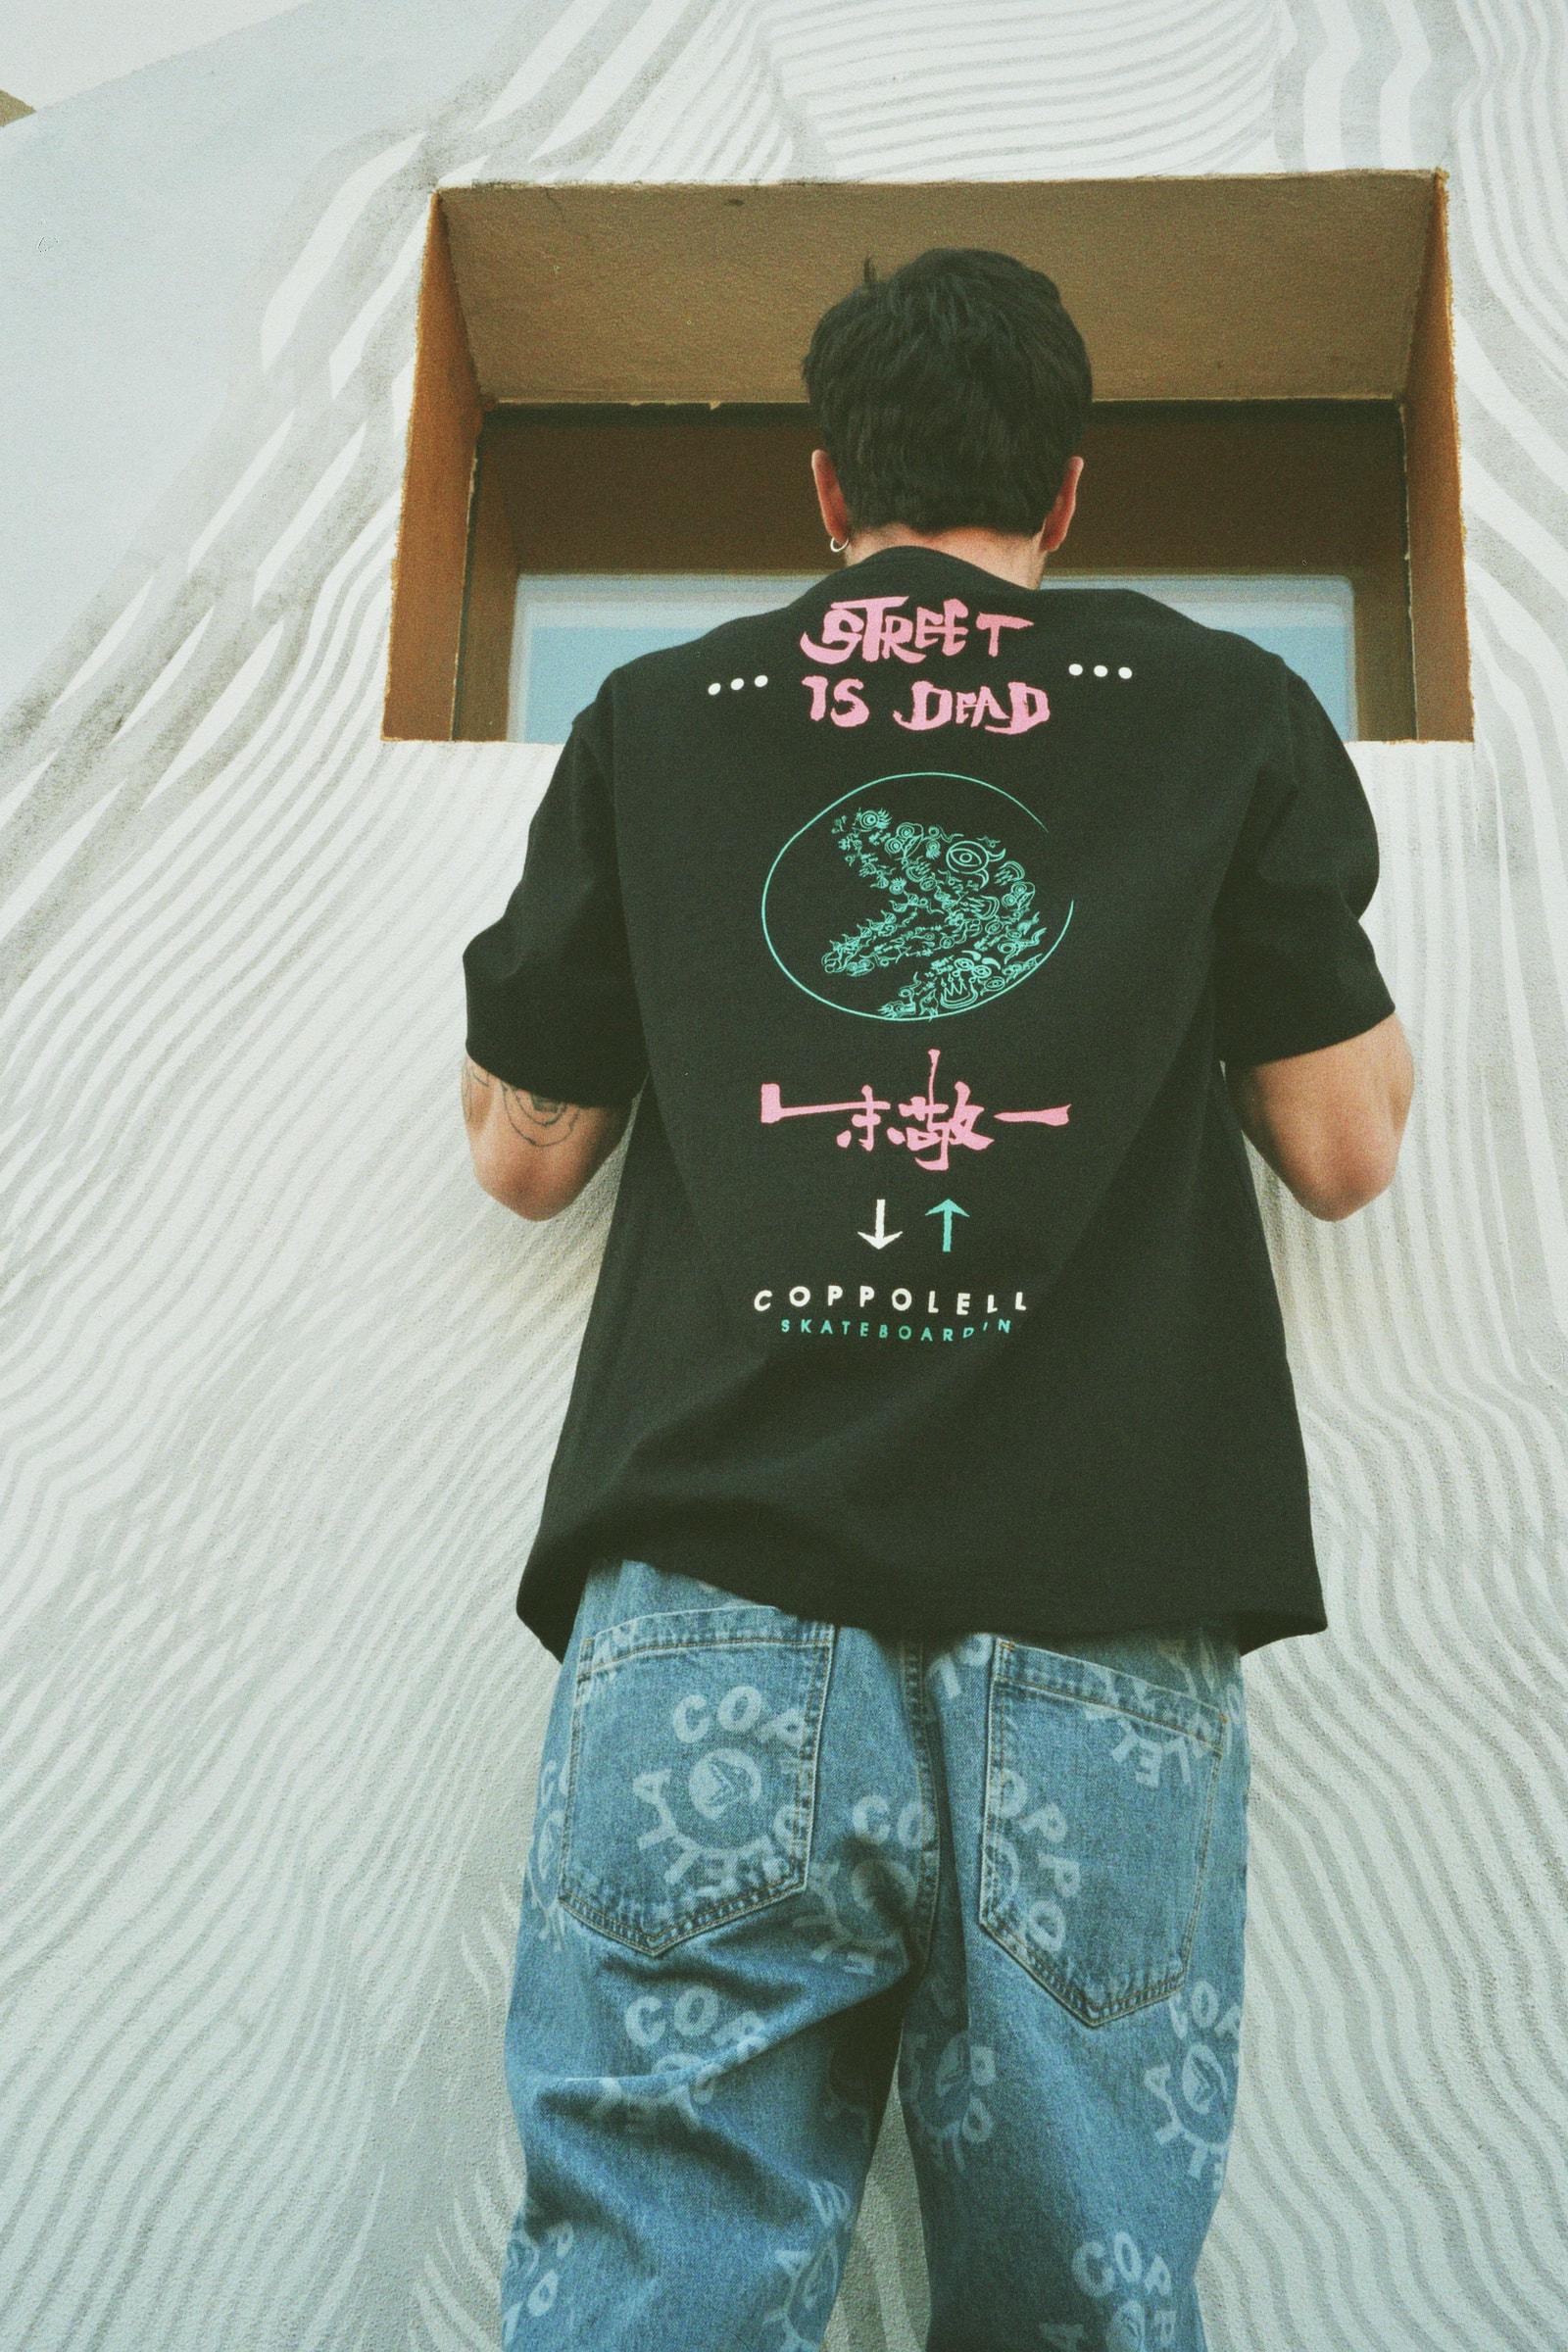 米兰滑板品牌 COPPOLELLA 携手朱敬一打造全新联乘系列